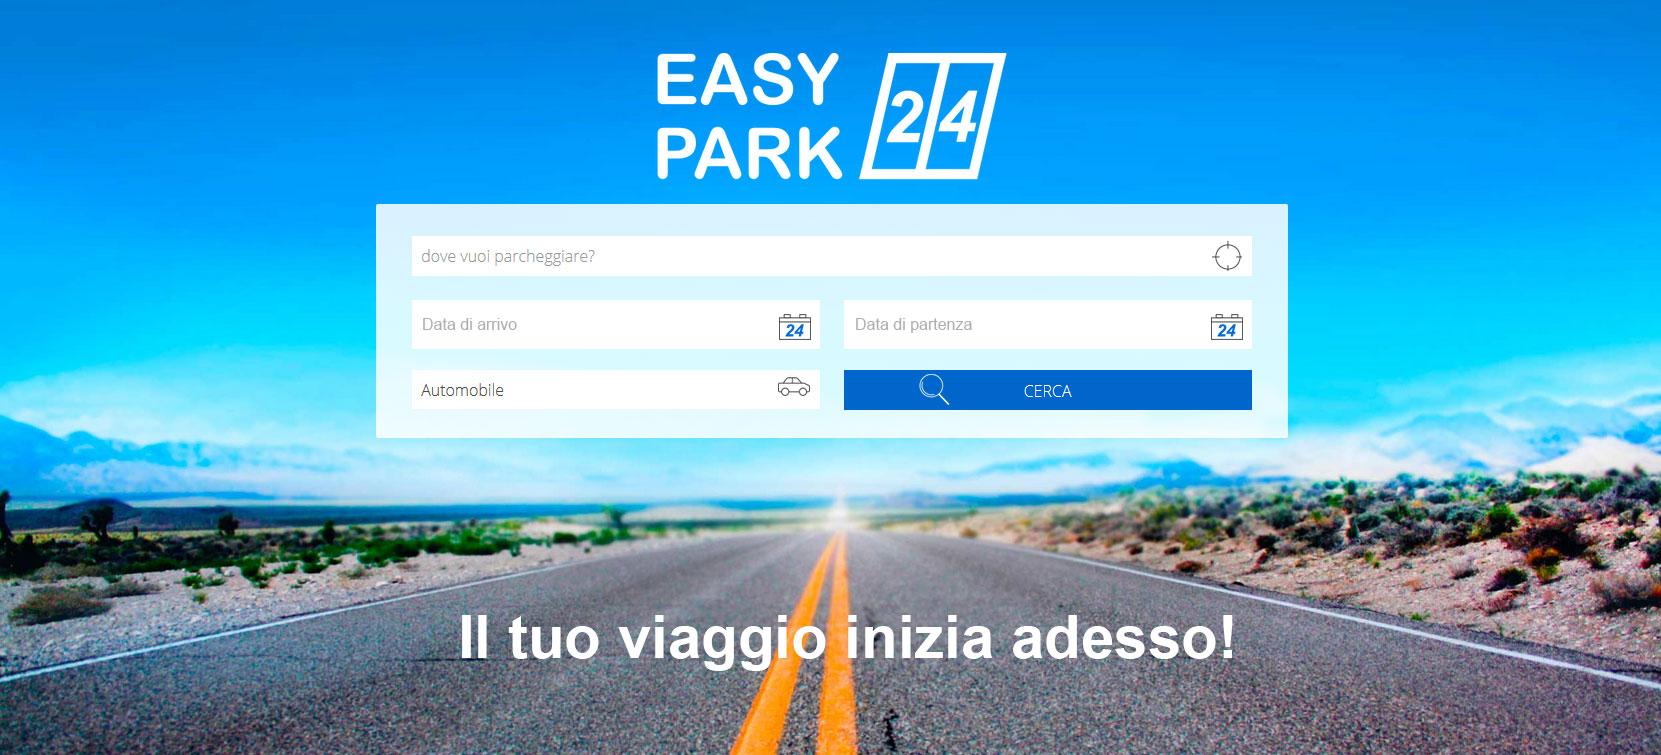 Easypark24 il nuovo portale per parcheggiare dove vuoi!